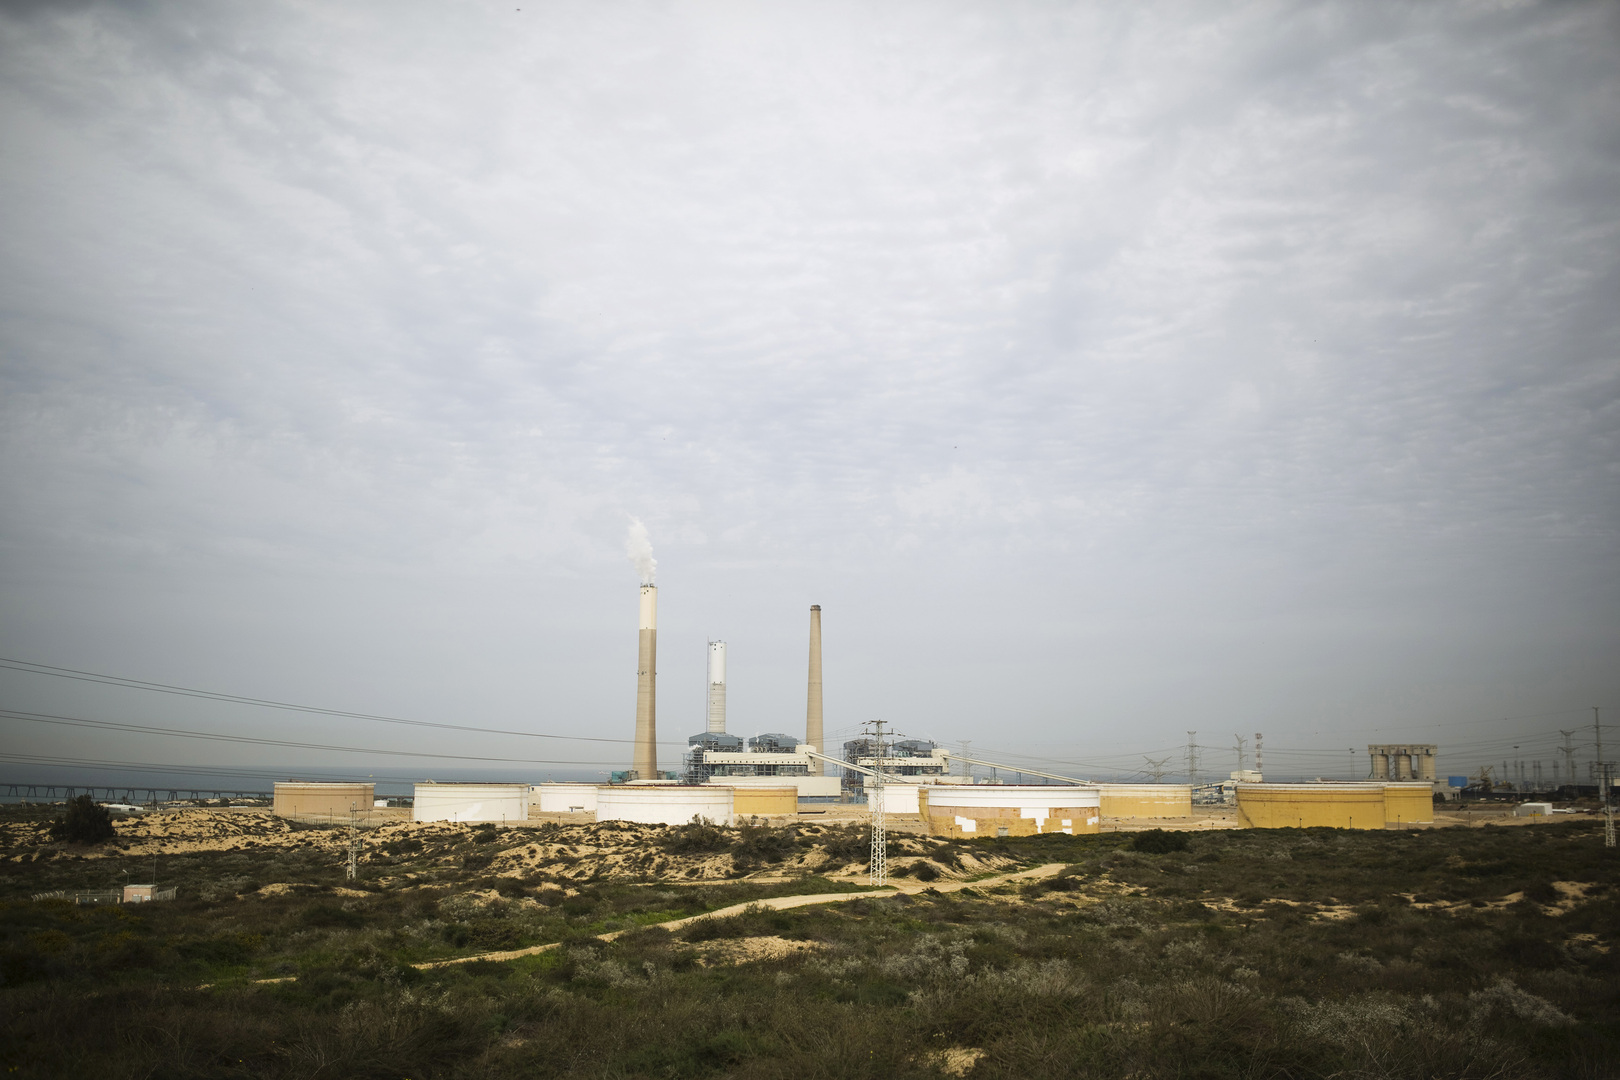 إسرائيل.. منظمات خضراء تطالب المحكمة العليا بإلغاء اتفاقية نفطية مع الإمارات